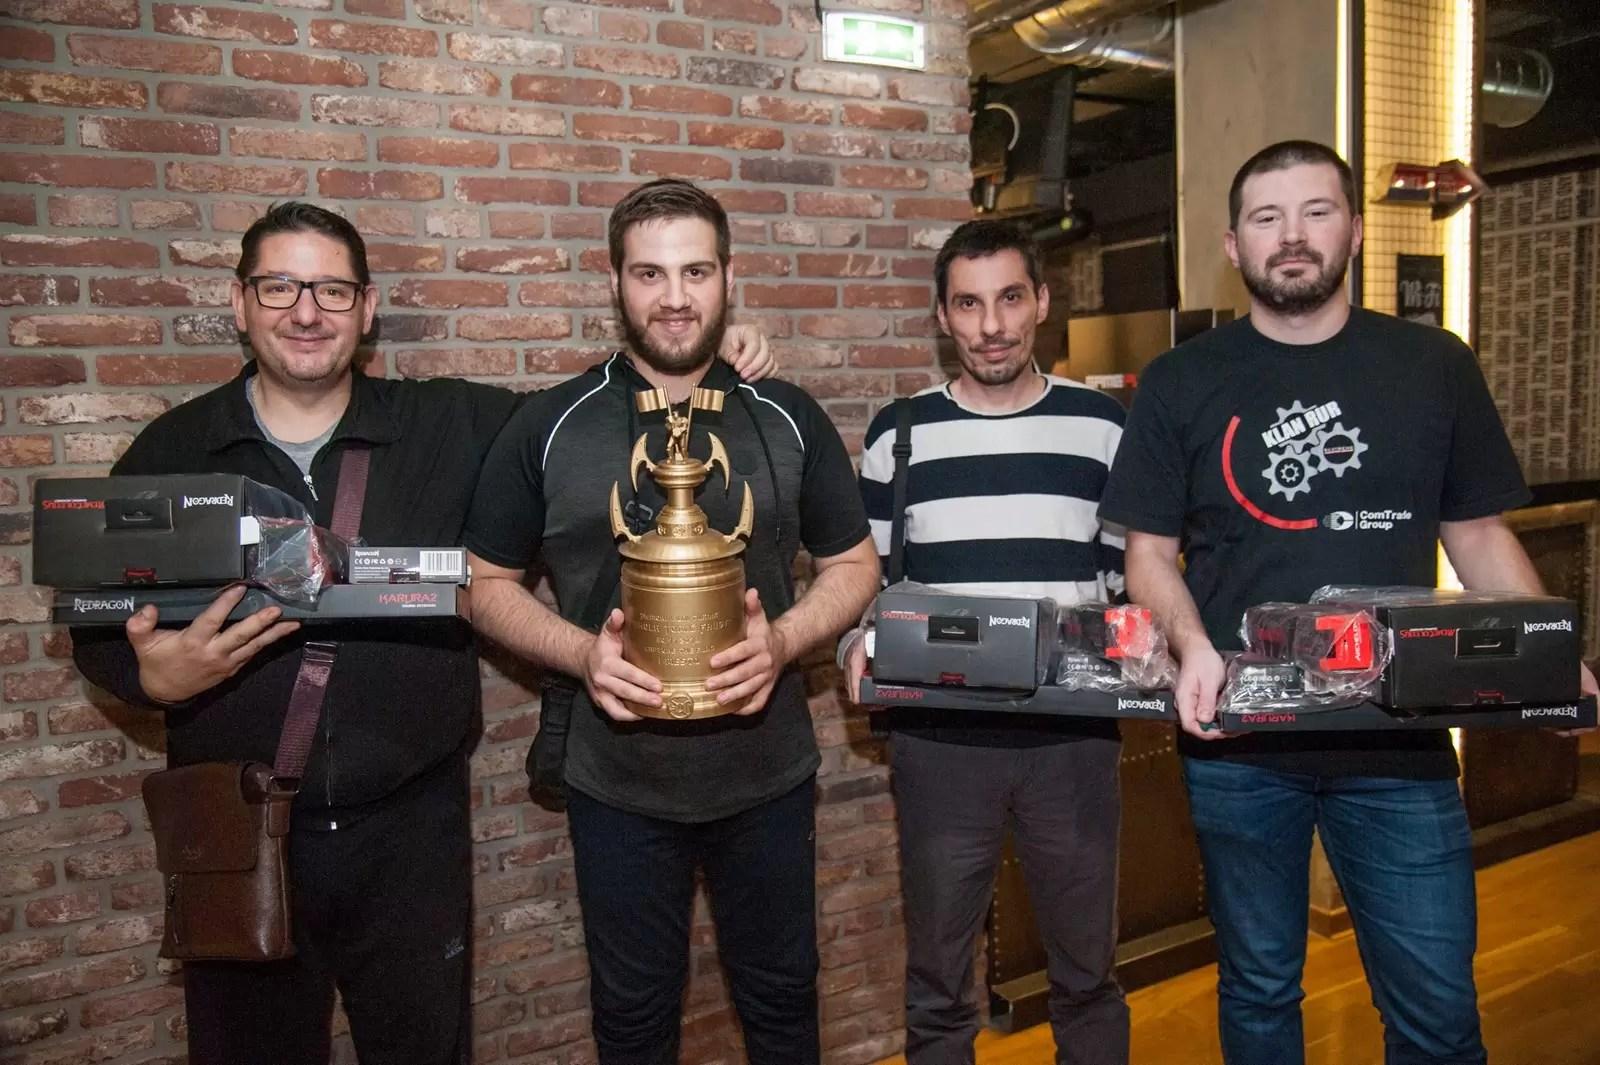 Završen turnir posvećen godišnjici Unreal Tournamenta